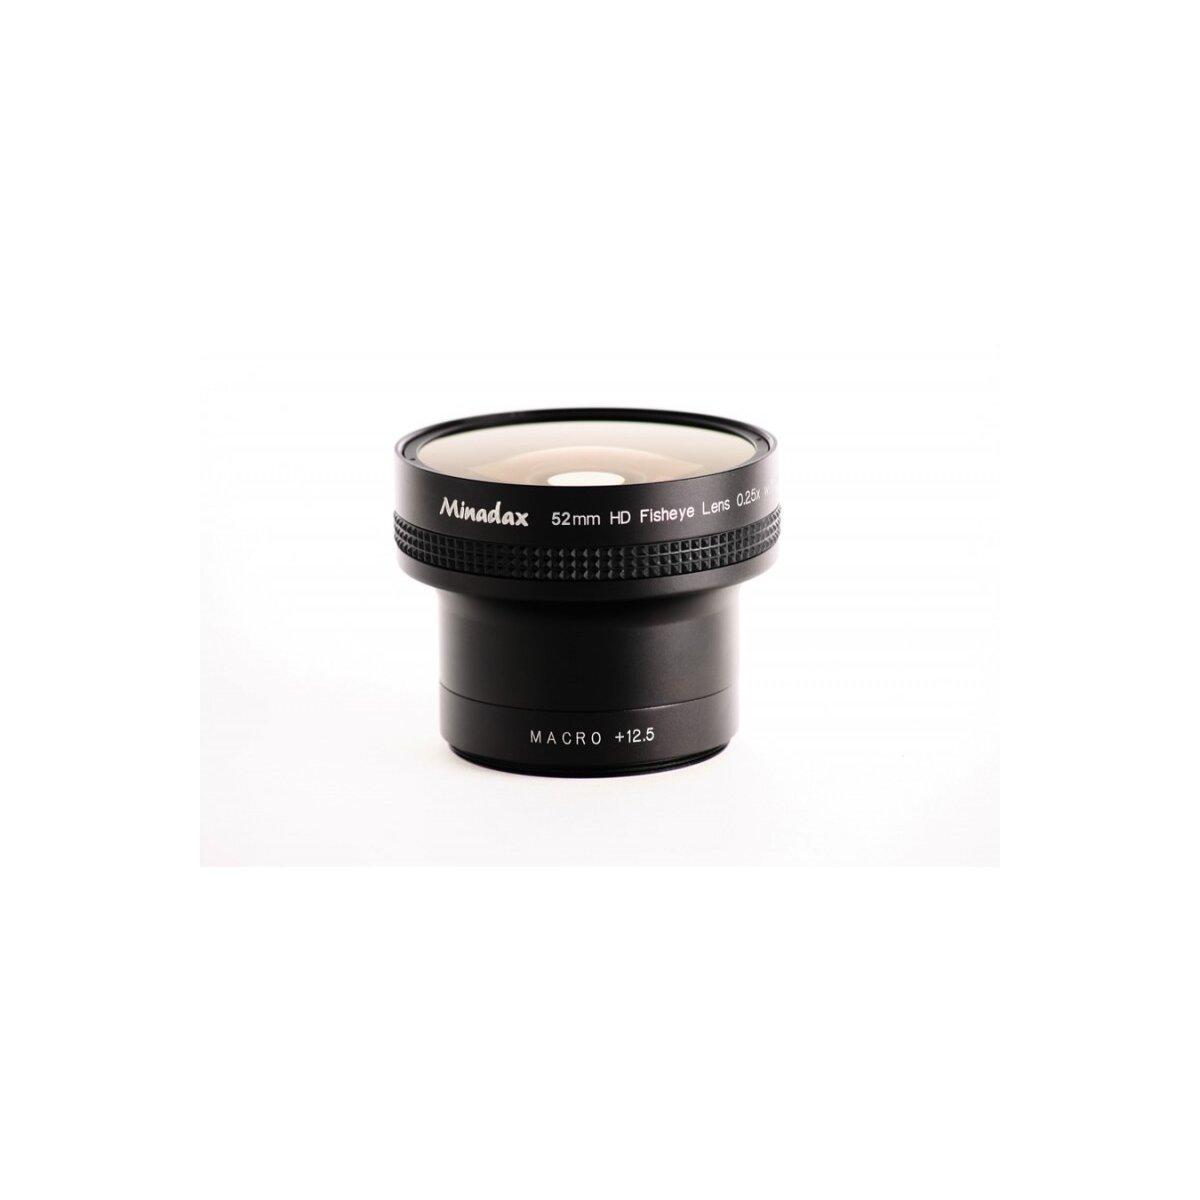 0.25x Minadax Fisheye Vorsatz kompatibel für Casio Exilim Pro EX-P600, EX-P700 - in schwarz